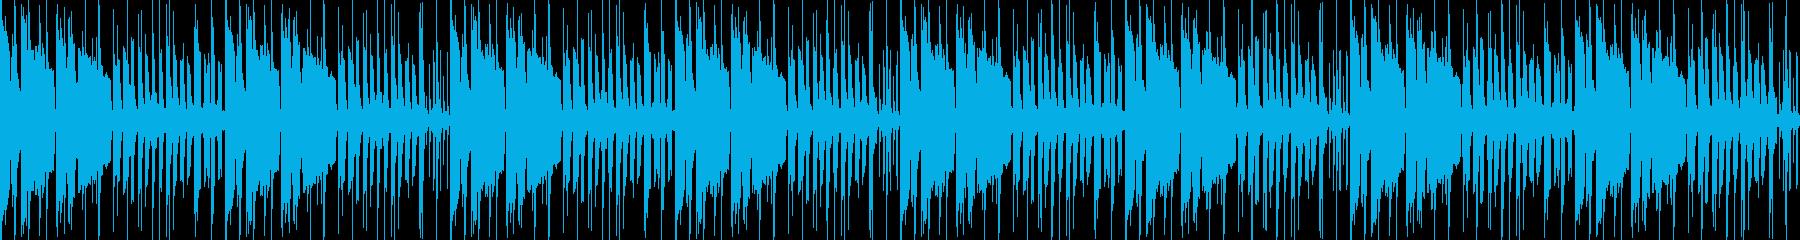 【落ち着いた雰囲気のピアノJAZZ】の再生済みの波形